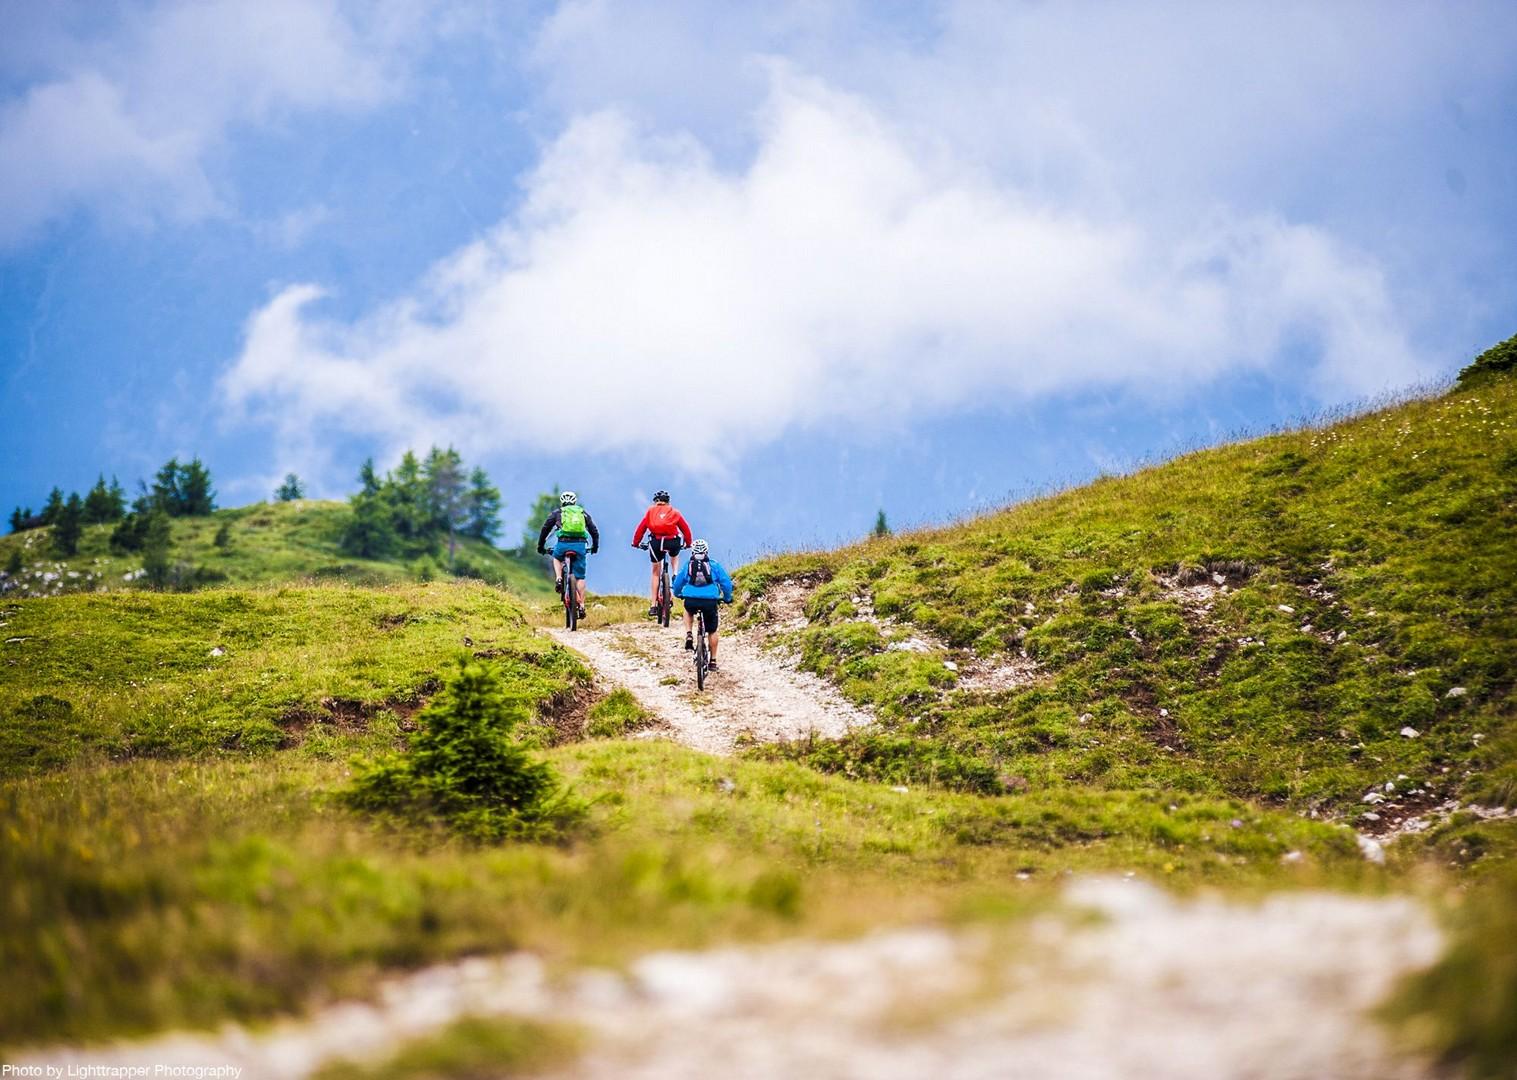 saddle_skedaddle_italy_2017_day6_brenta_dolomites_200-2.jpg - Italy - Dolomites of Brenta - Electric Mountain Bike Holiday - Mountain Biking